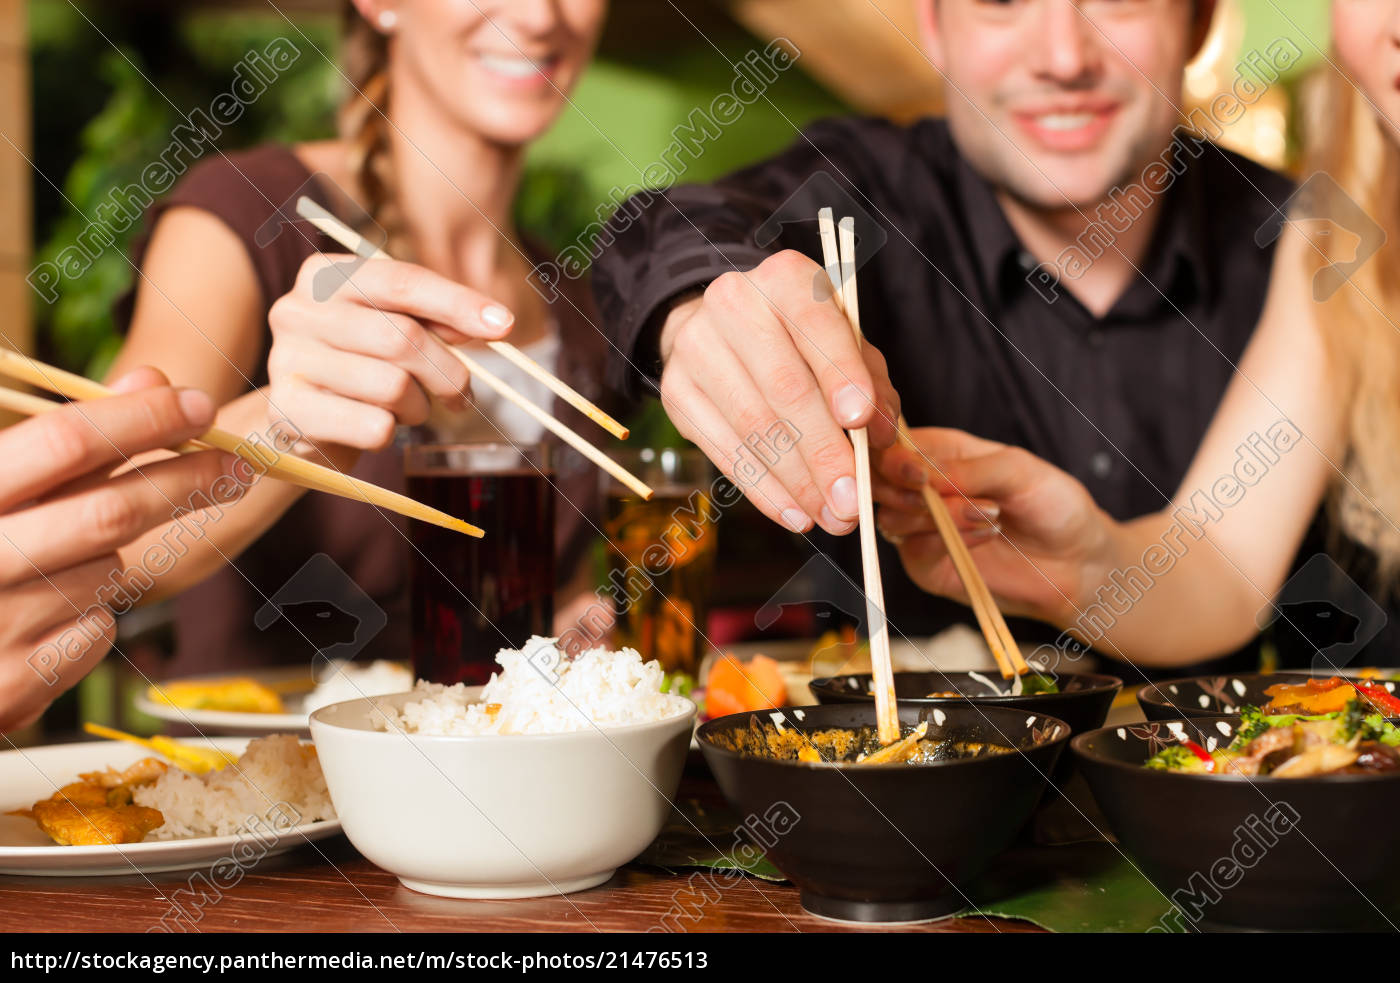 junge, leute, die, im, thailändischen, restaurant, essen - 21476513